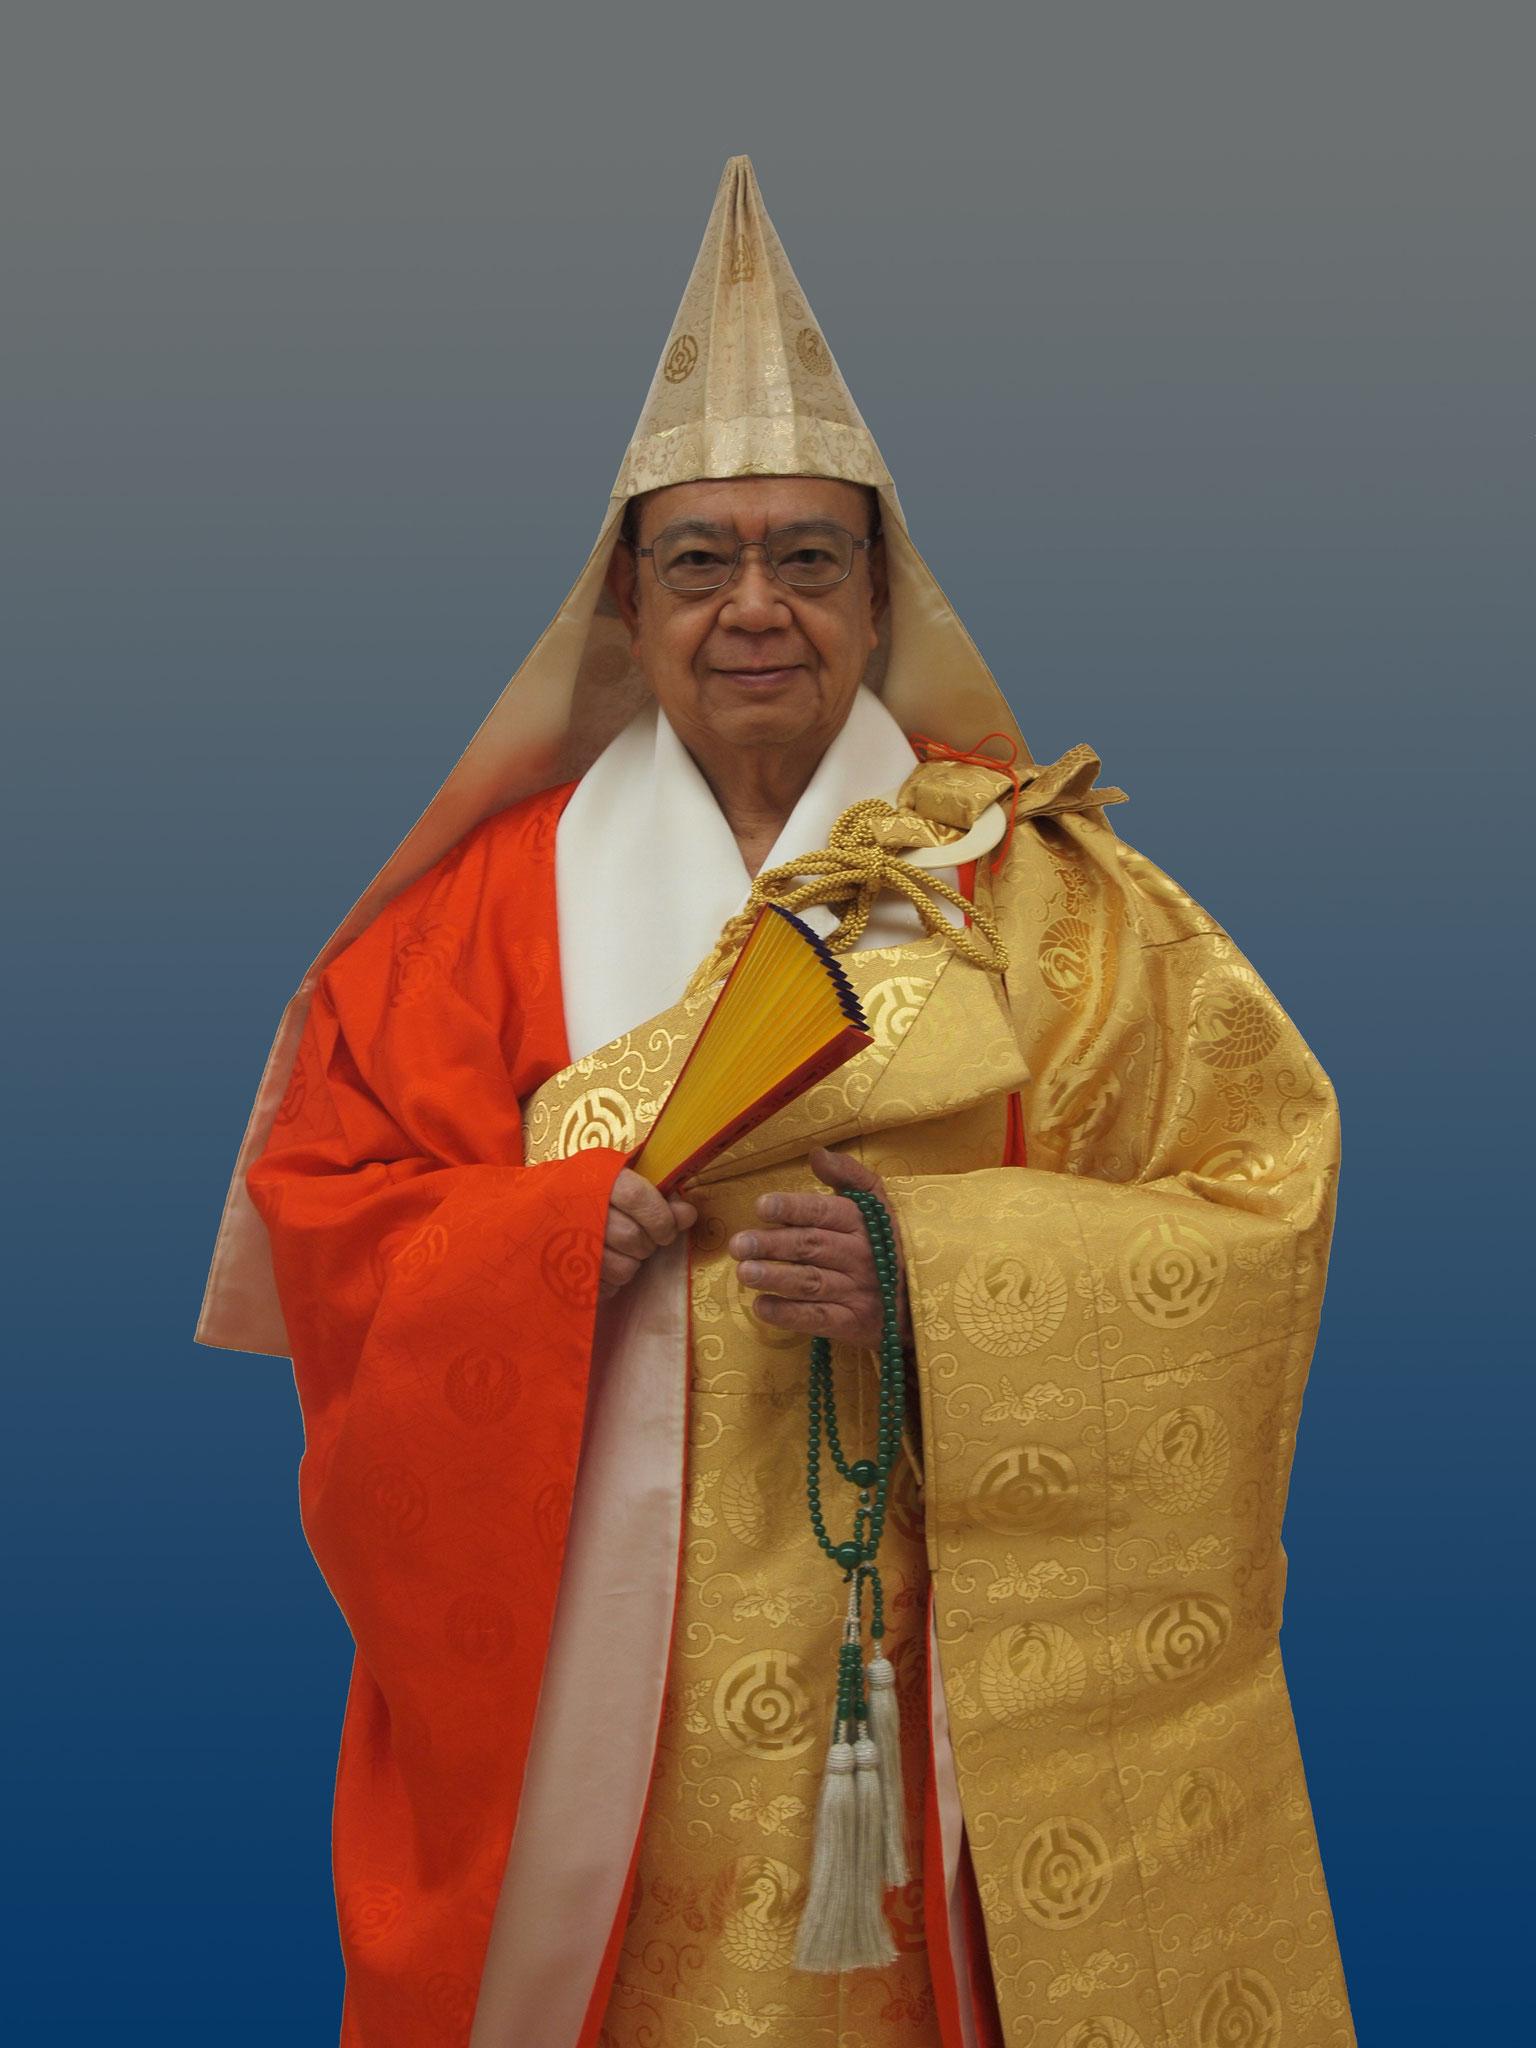 第五世 日覚上人【現住職】、昭和61年には日覚上人に住職位を継承されました。